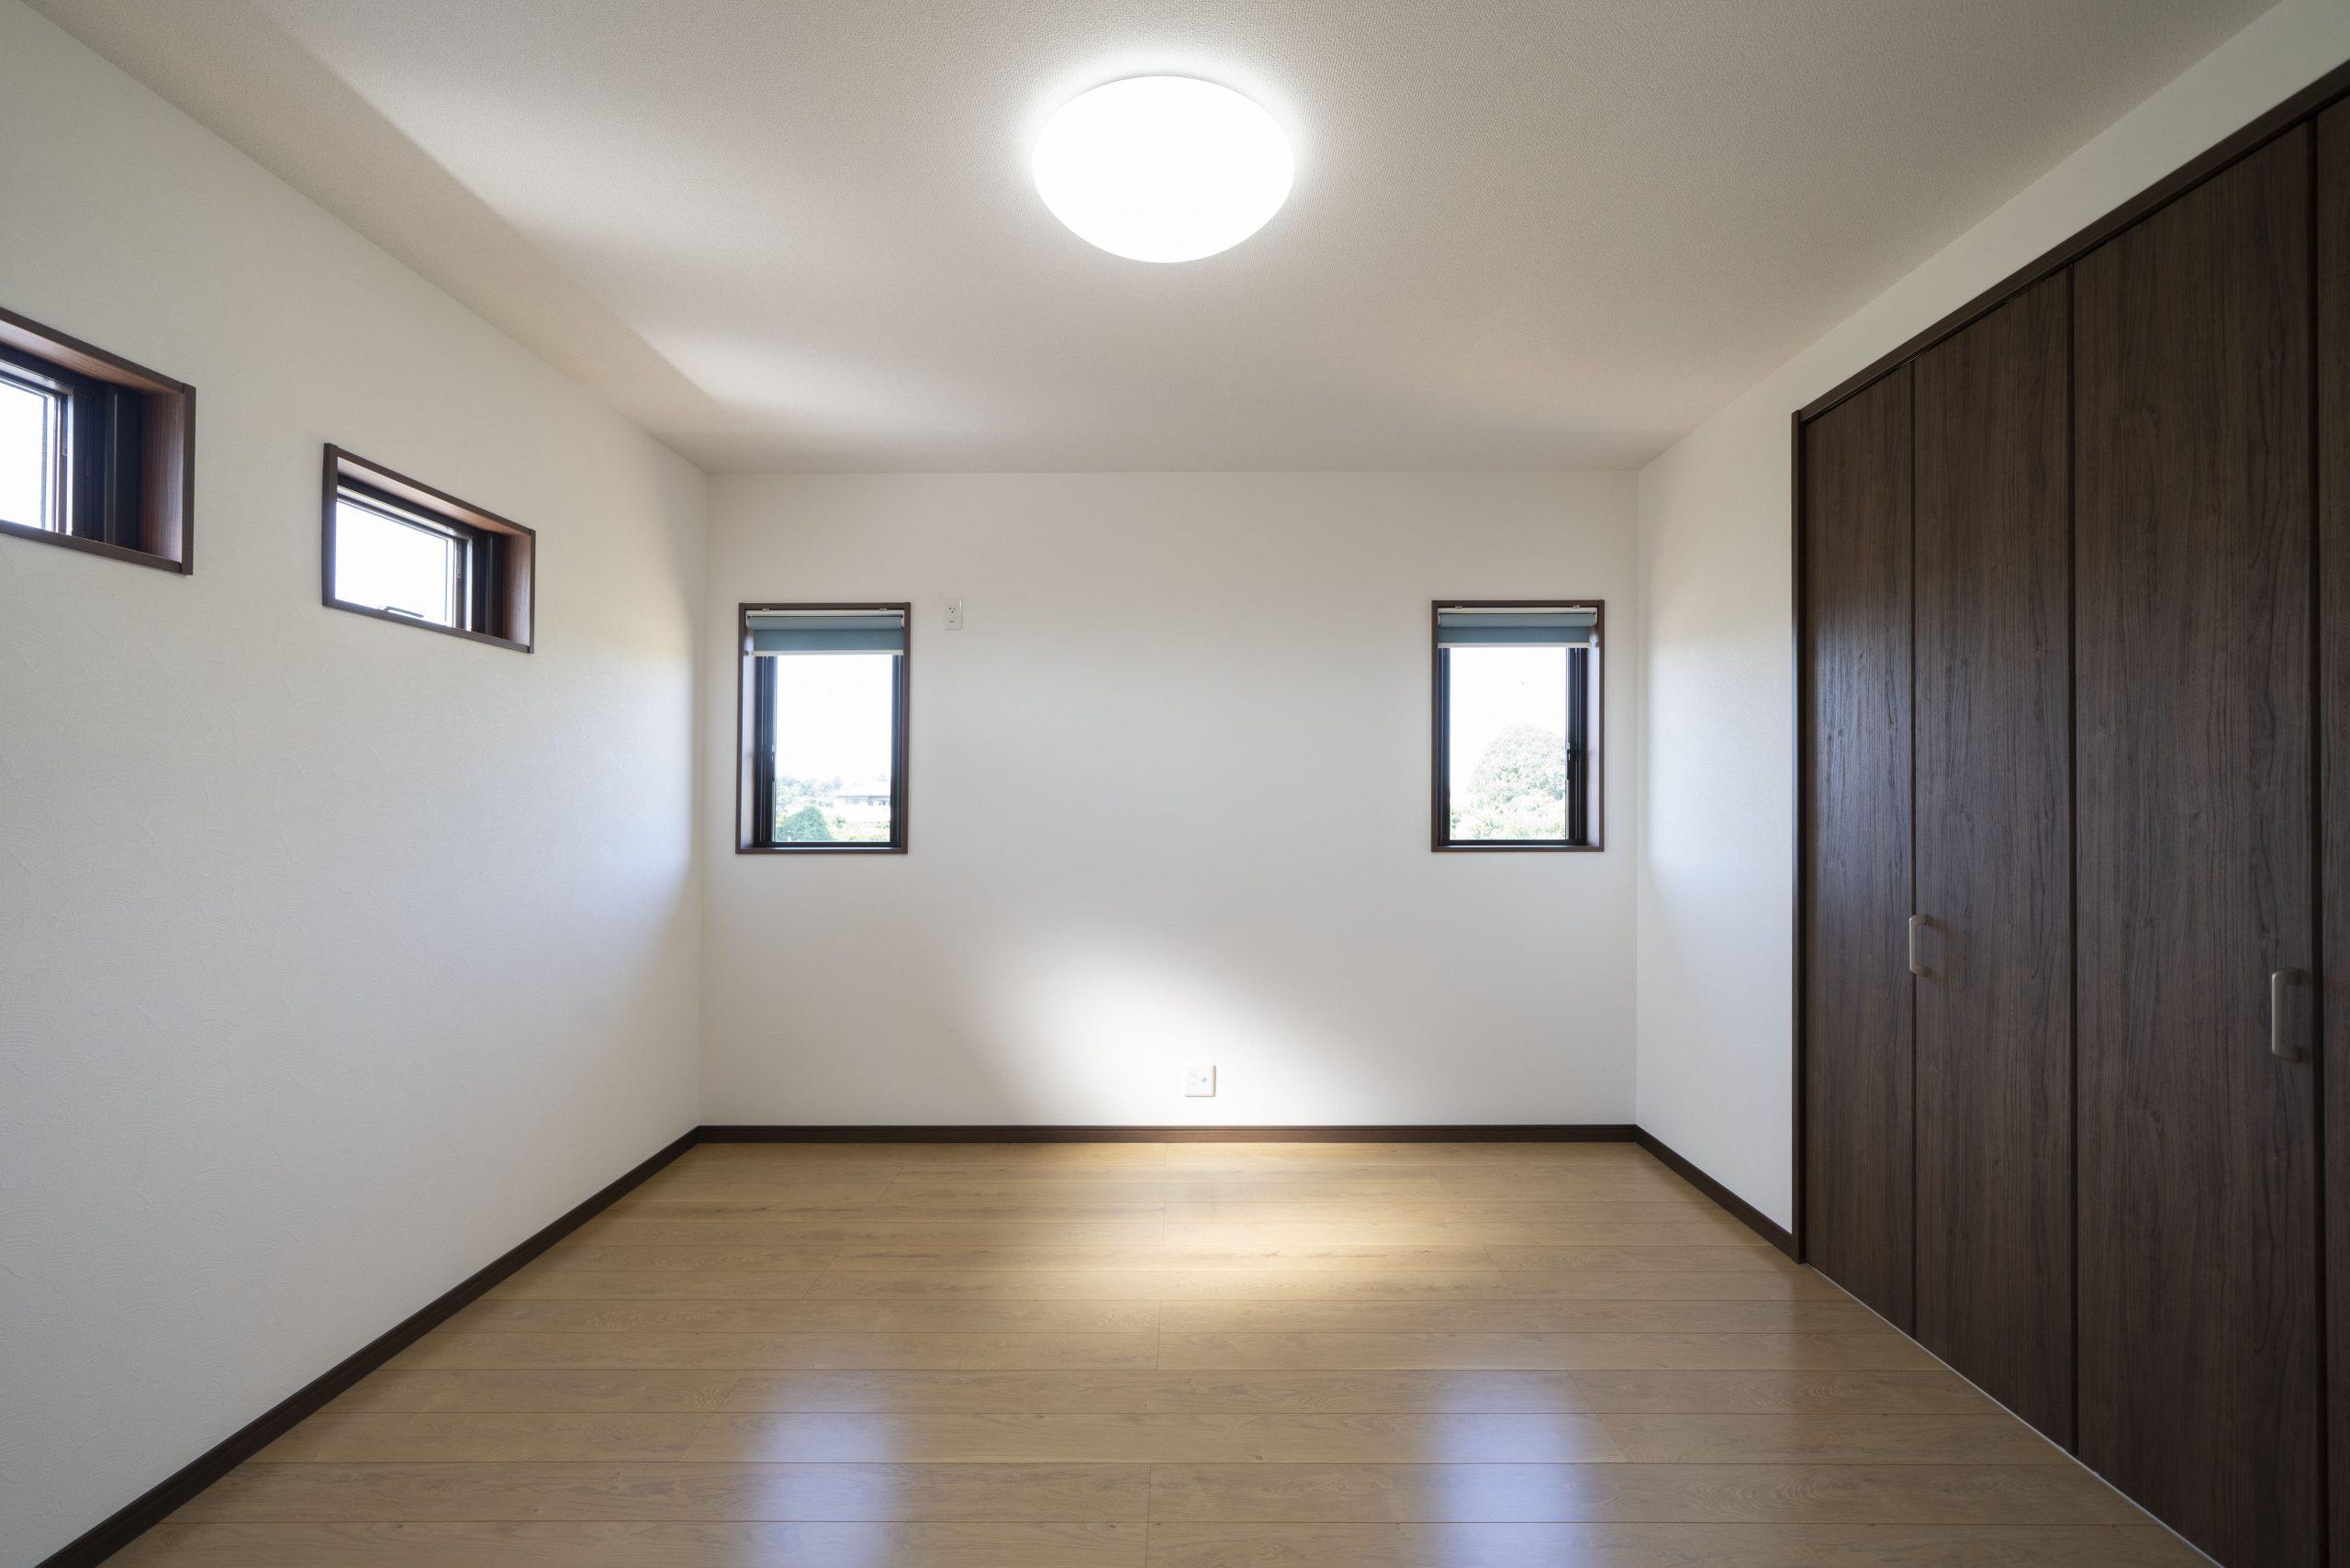 必要最低限のコンパクトな寝室